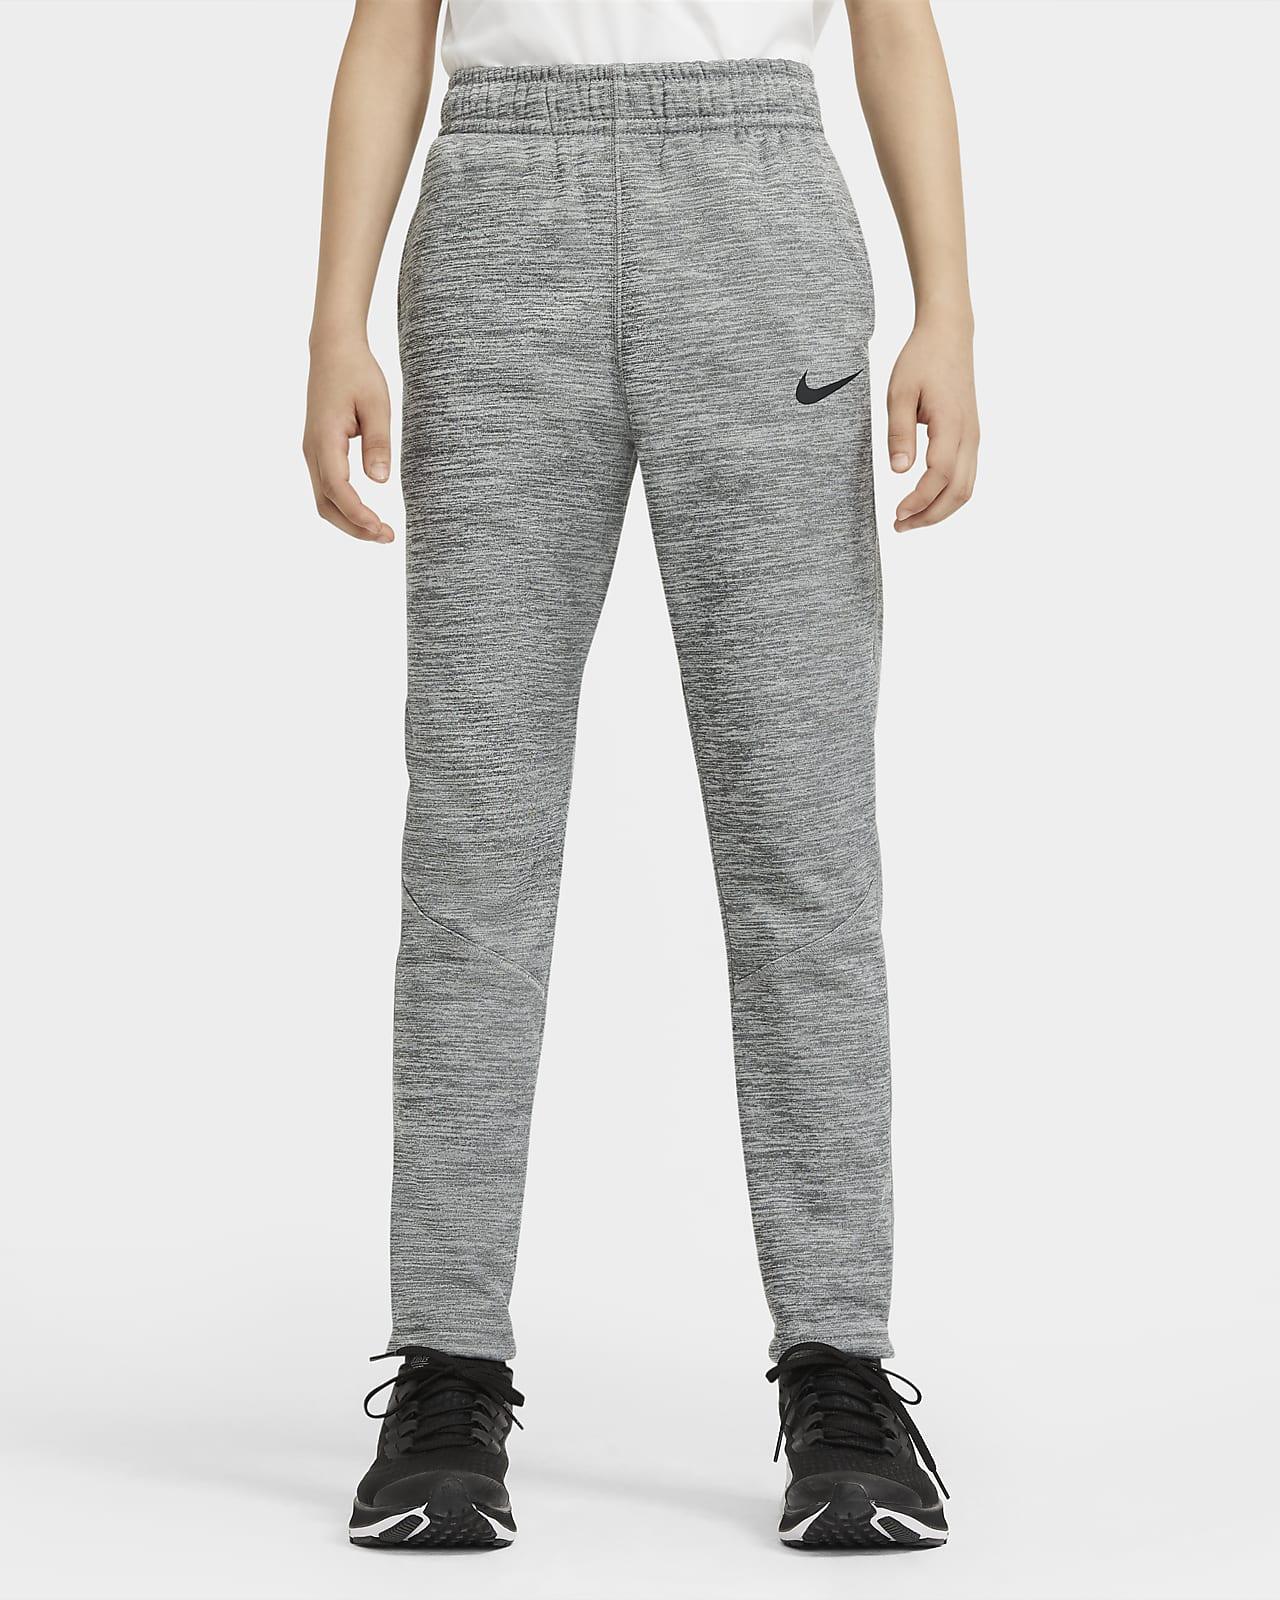 Pantalones de entrenamiento para niños talla grande Nike Therma